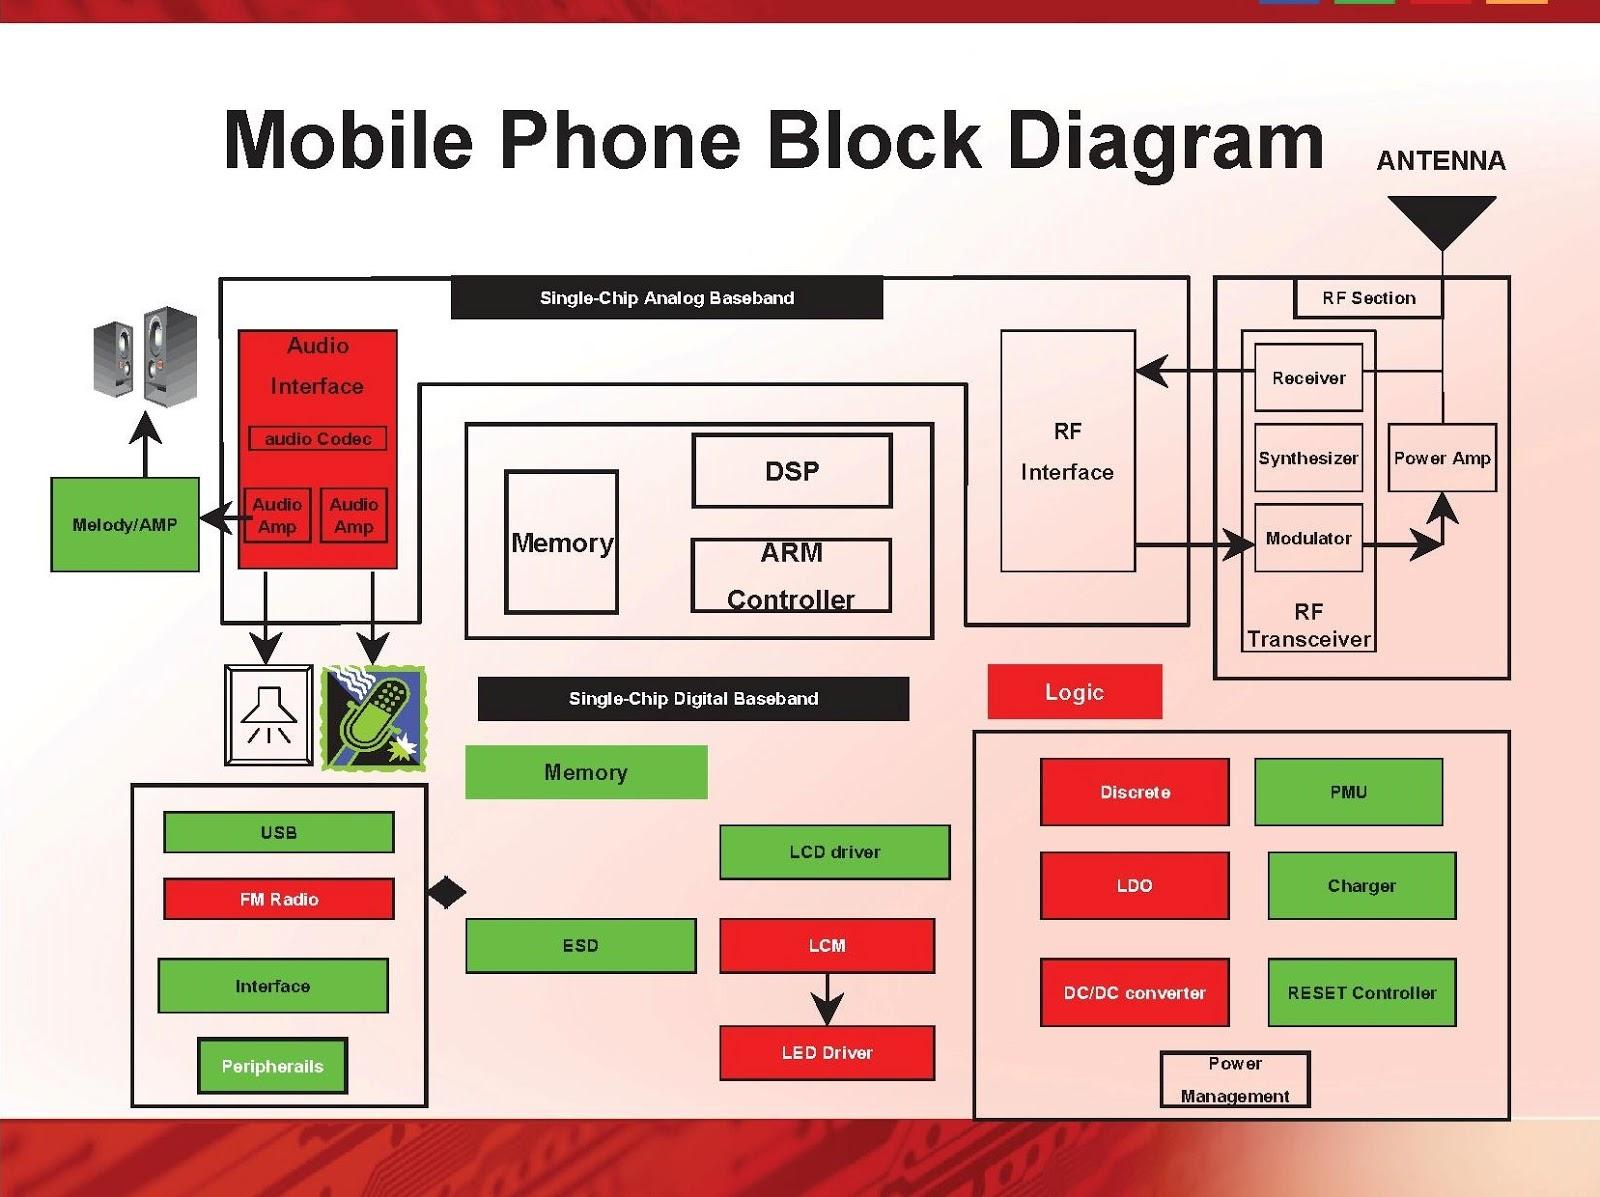 mobile repairing mobile repairing diagram solution rh mobilerepairingrinaimo blogspot com mobile block diagram in hindi mobile block diagram pdf